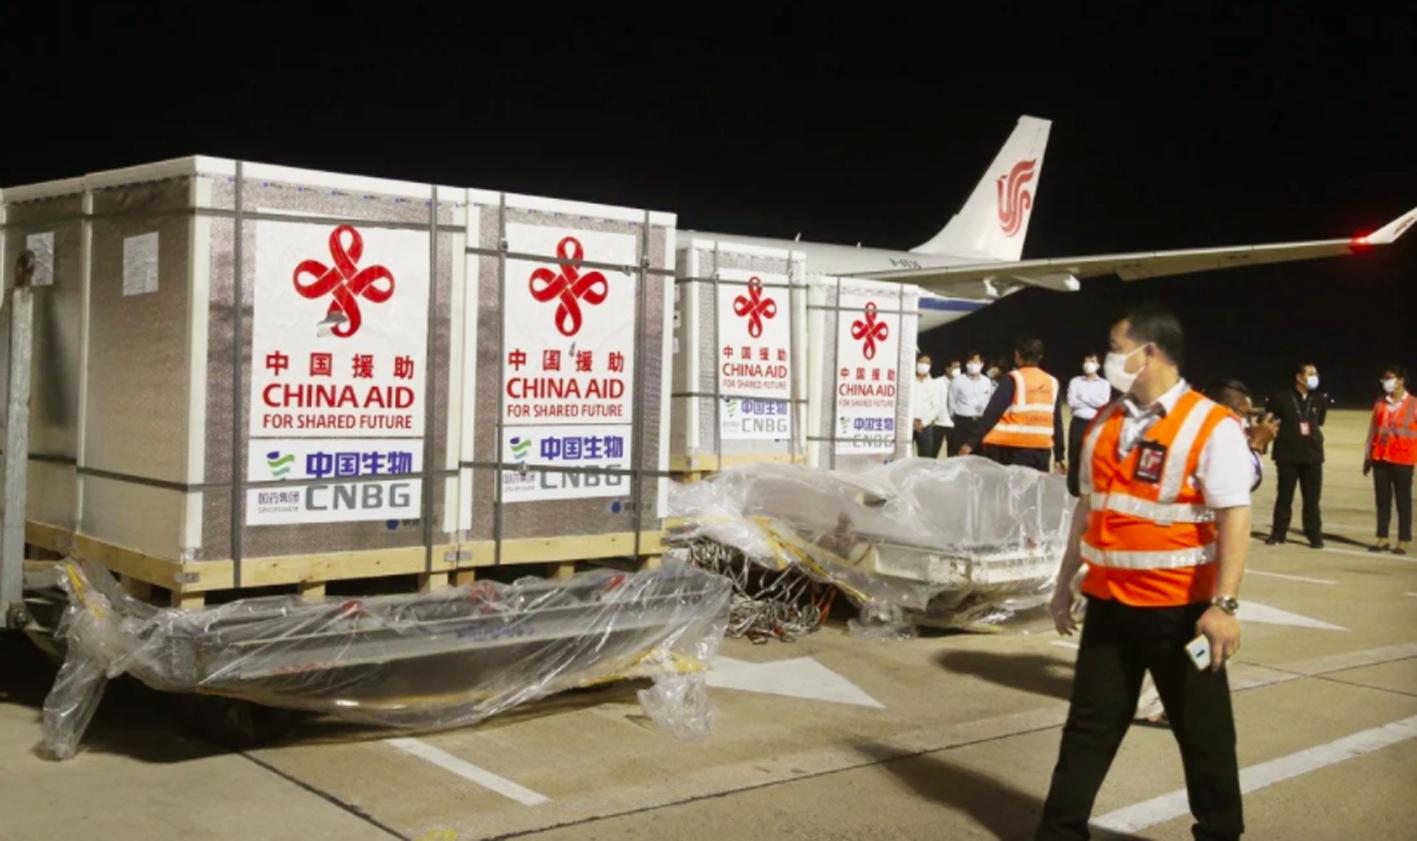 Công nhân đang vận chuyển vắc-xin Sinopharm của Trung Quốc được  Tổ chức Y tế thế giới phê duyệt tại sân bay quốc tế Phnom Penh, Campuchia